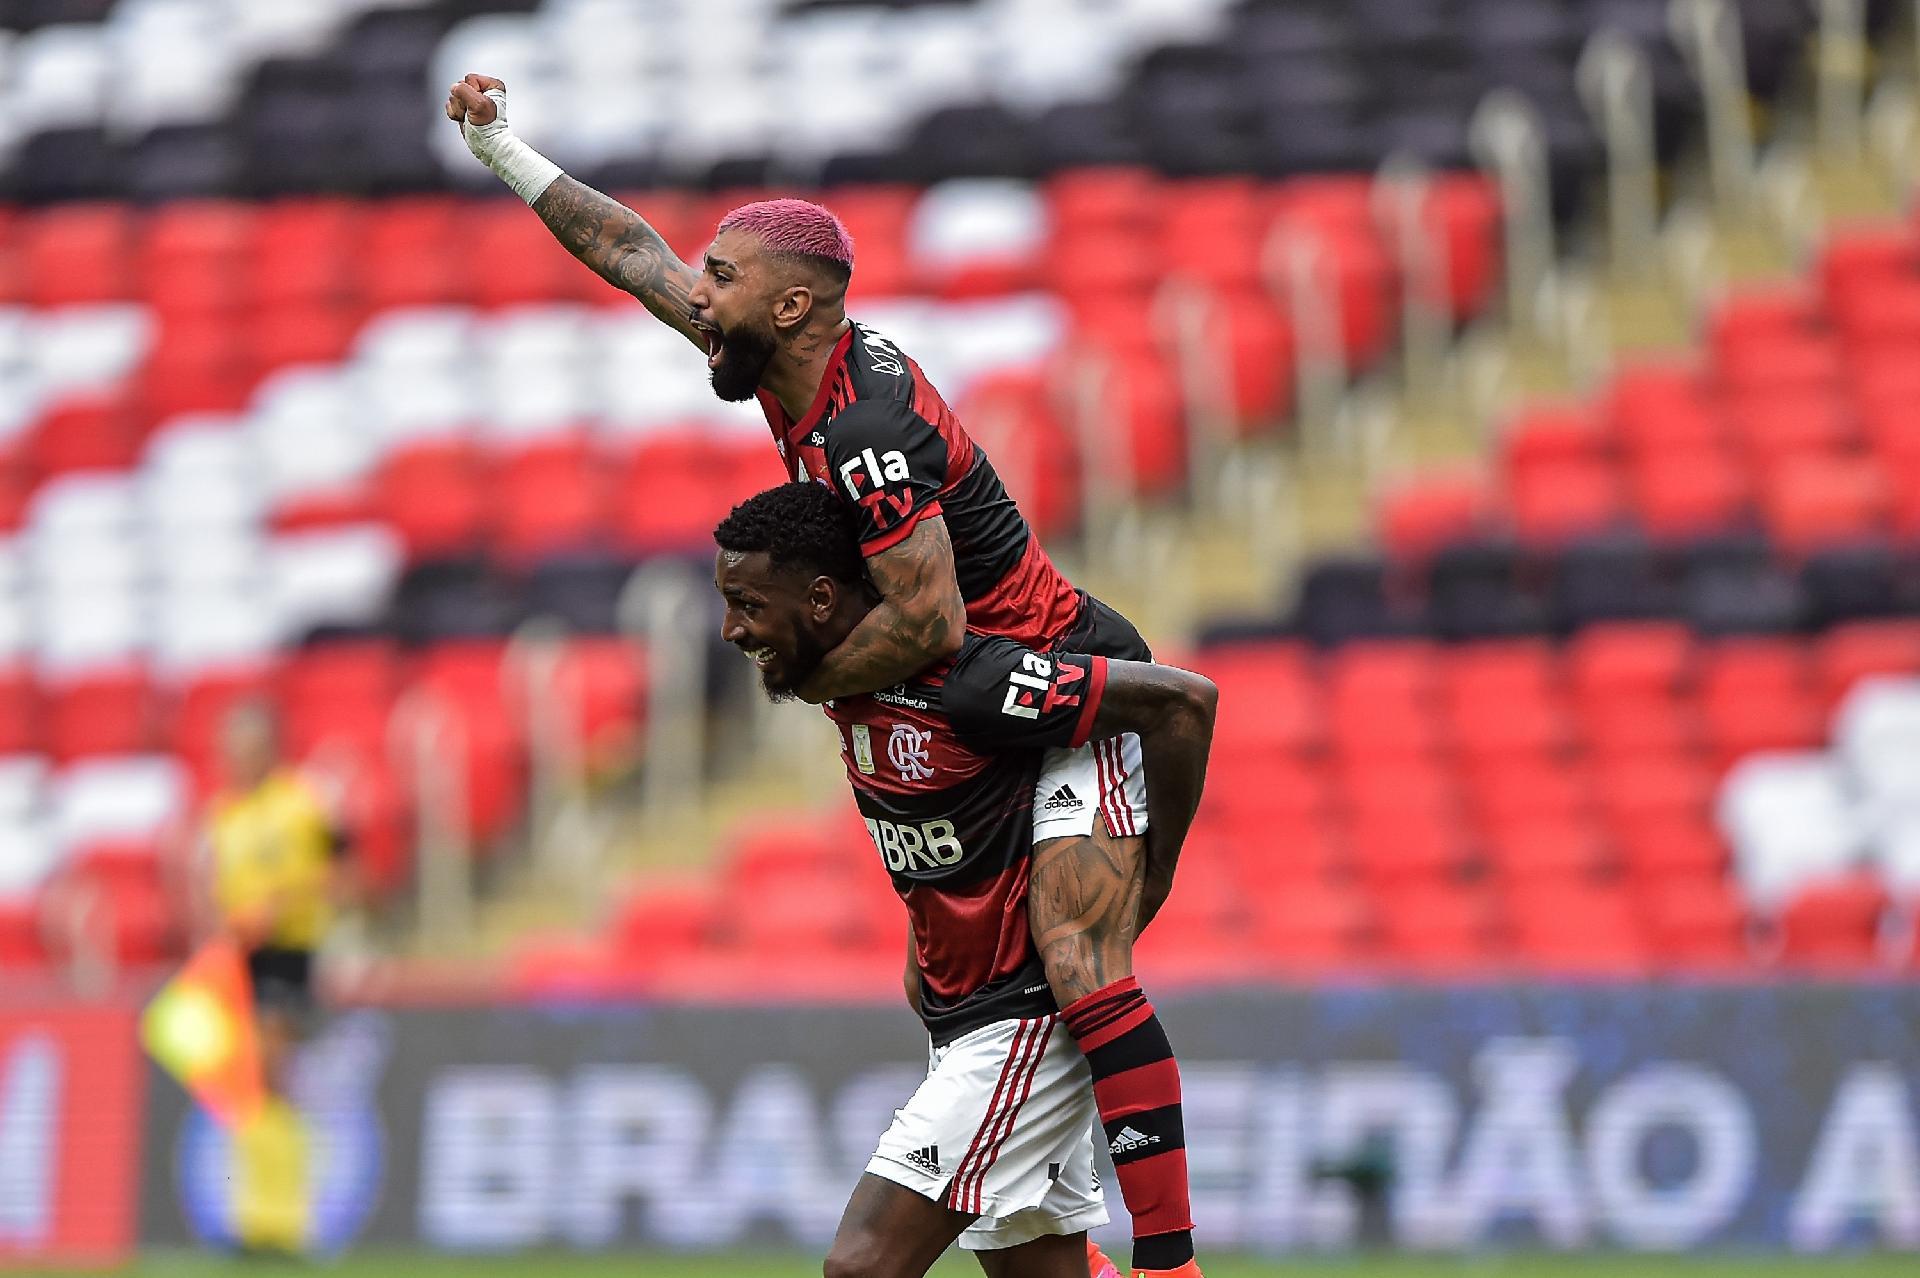 Palmeiras e Flamengo se estruturaram e não deixaram taça para ninguém, diz jornalista